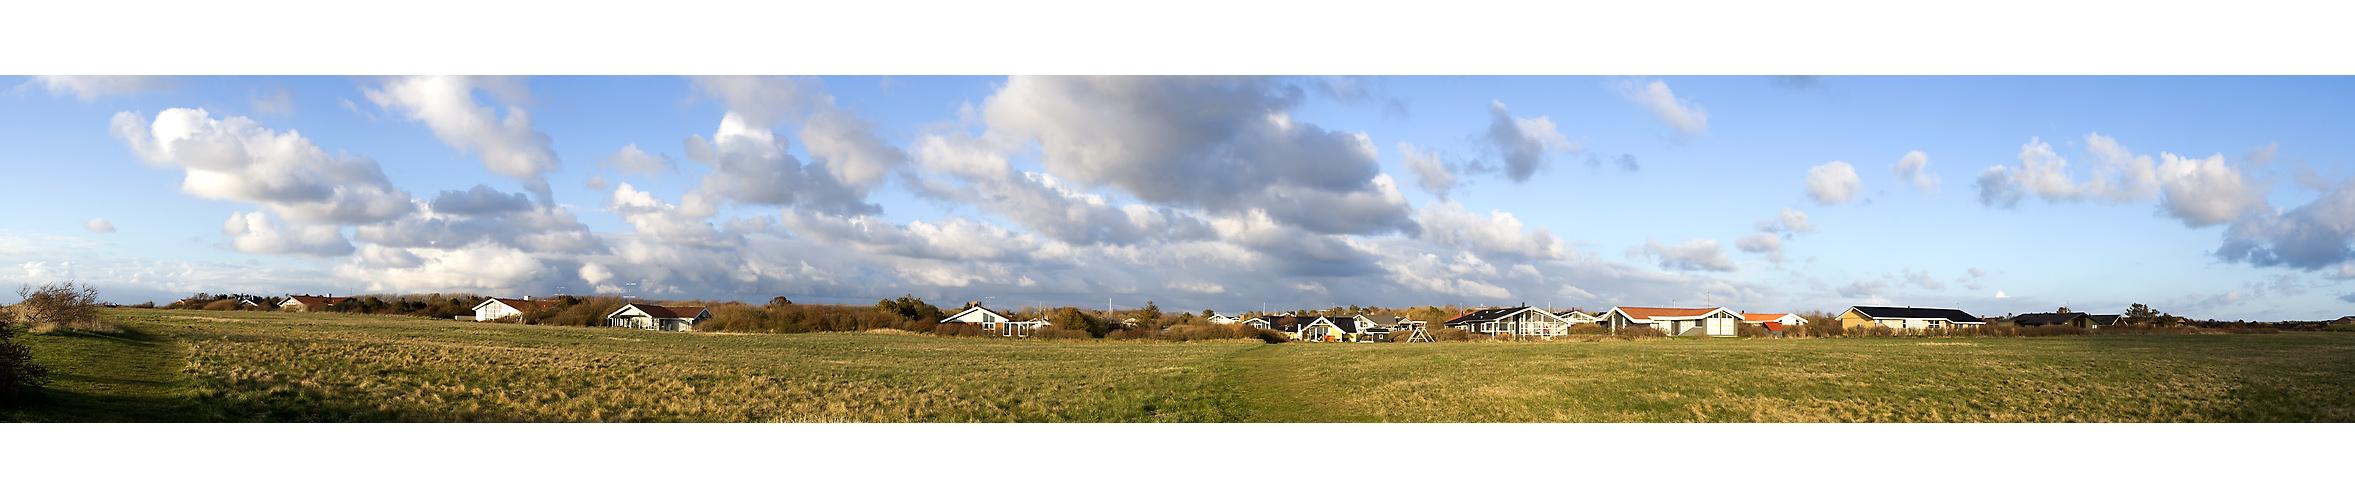 Kærgården Ferienhäuser